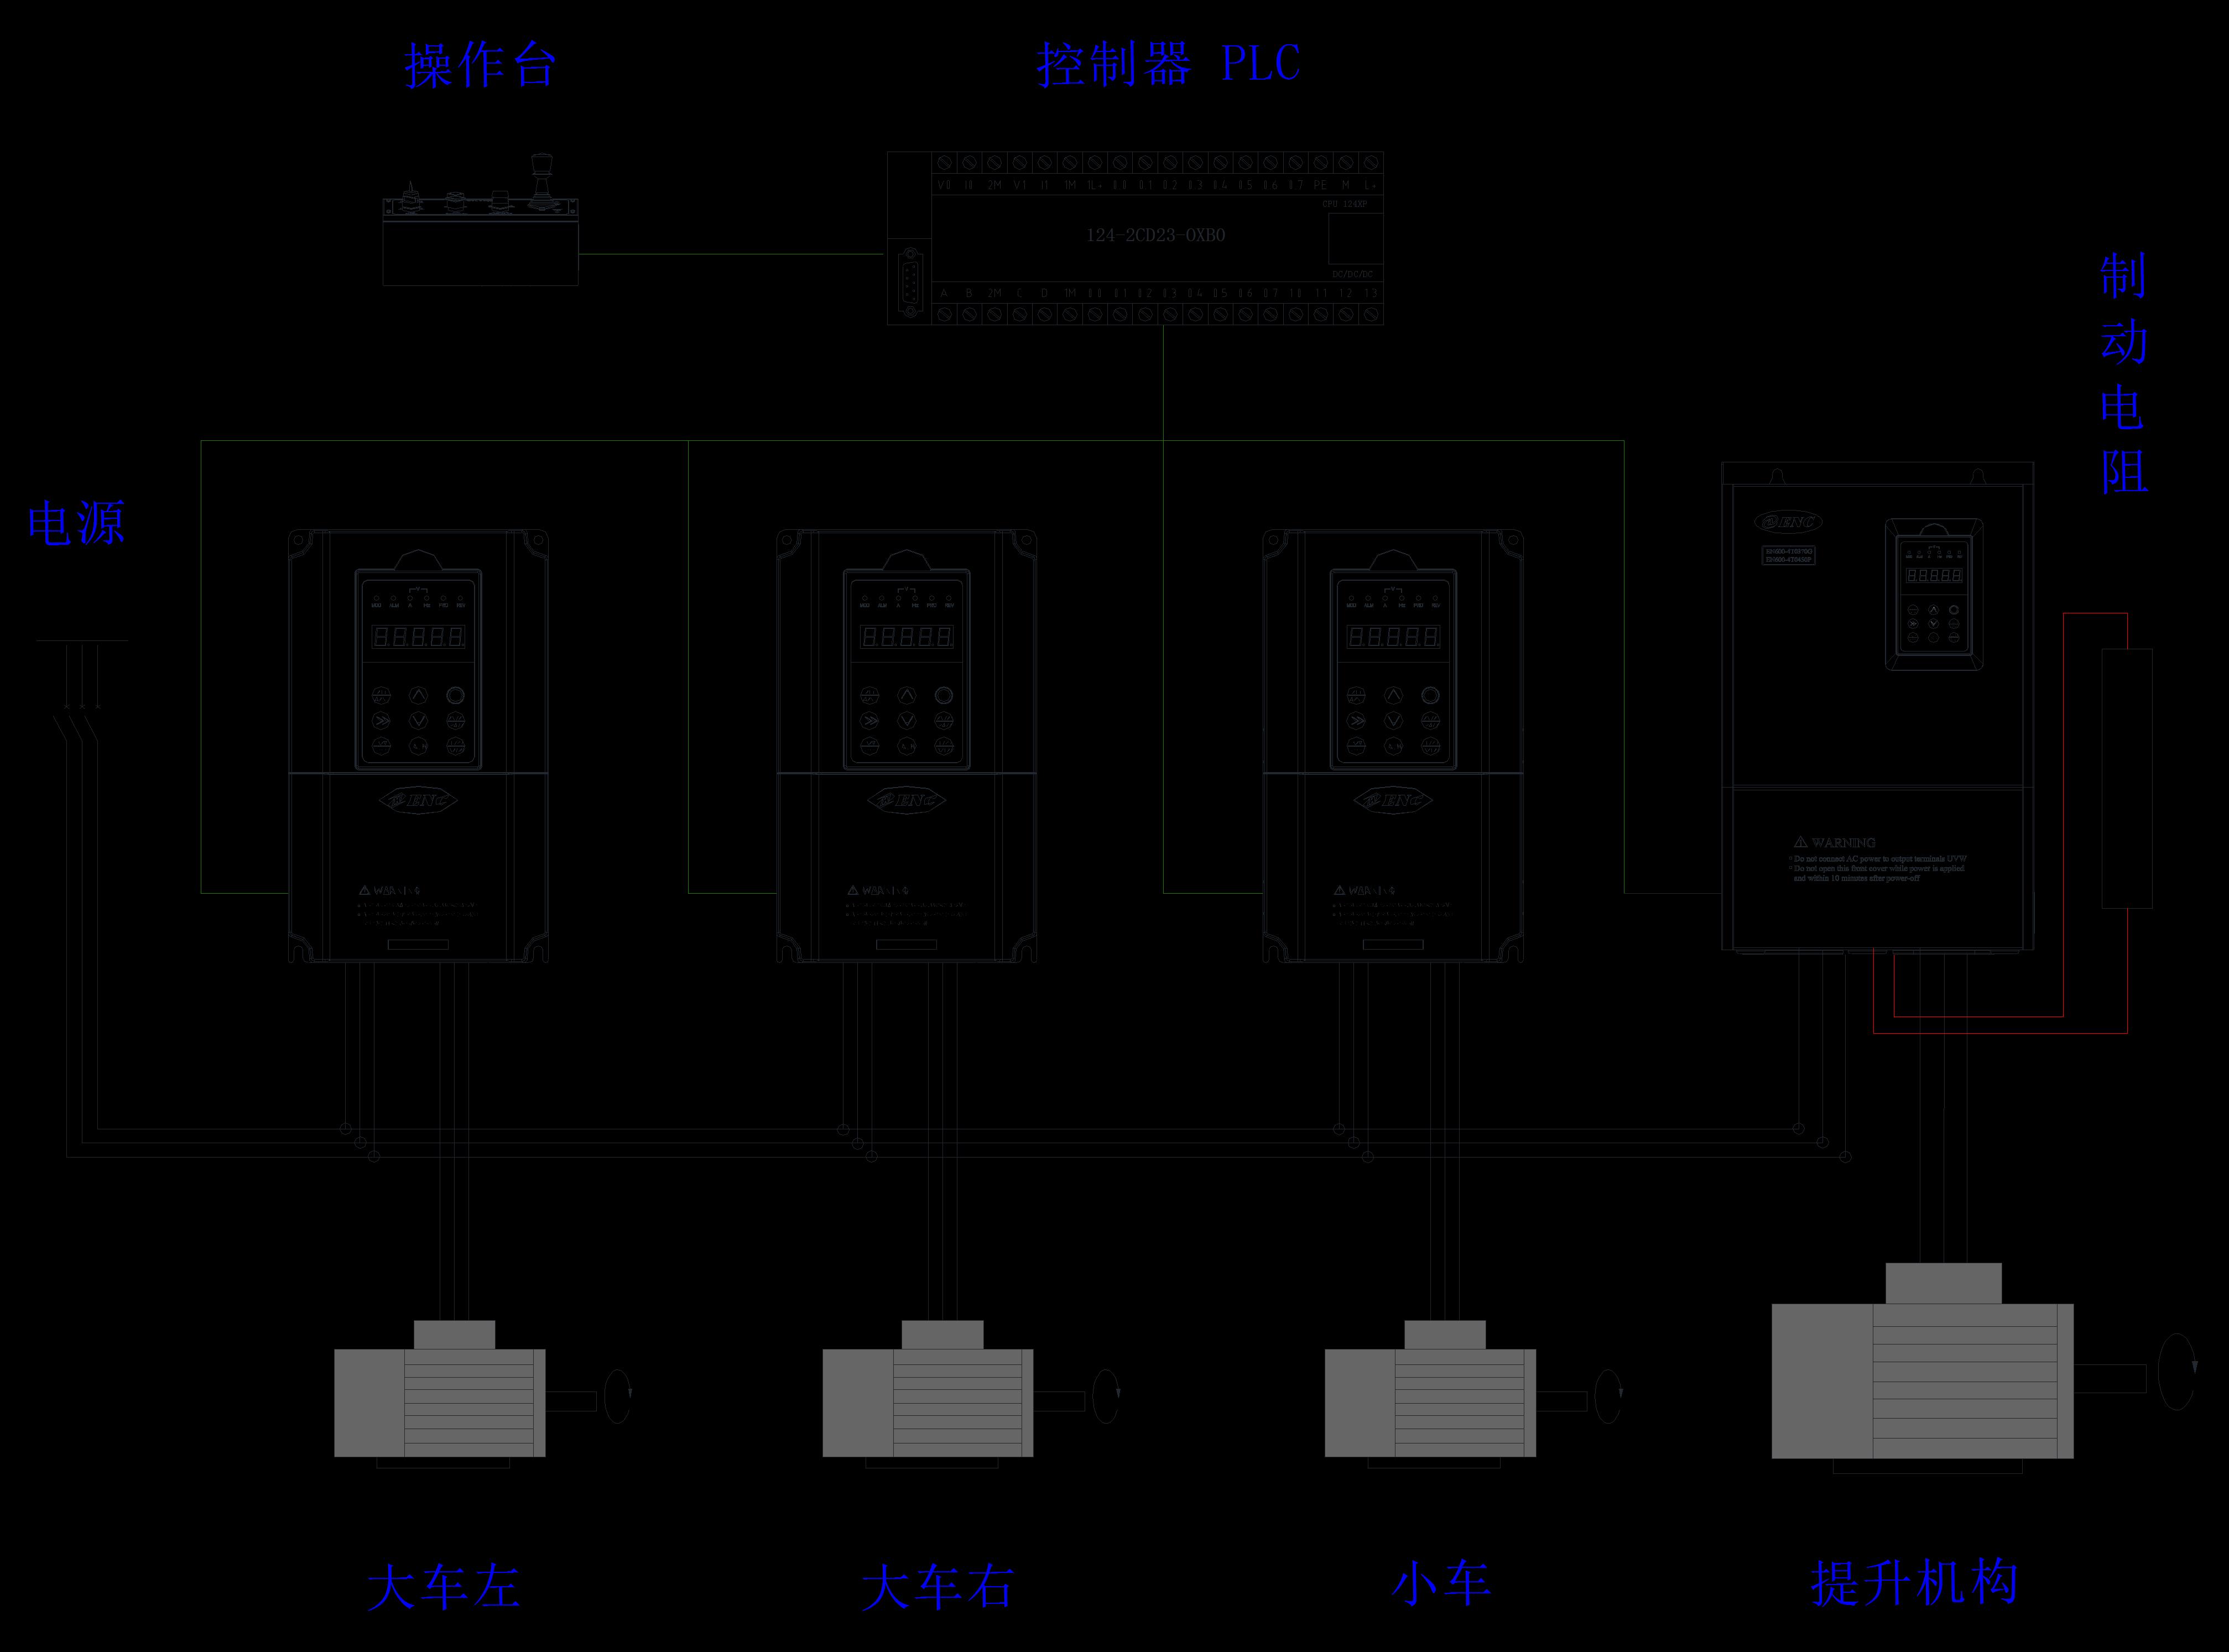 EN600系列高性能磁通矢量变频器+行车 更安全、更精确,更稳定、更快速 让您也稳得住~ 行车是大型制造业制造车间中重要的起重设备,不仅具有起重功能,还能控制行走。因此在运作过程中对其运动的平稳性、安全可靠性有很高要求。其行走控制方式有两种:1、用一台电动机带动长传动轴驱动两边的主动车轮;2、两边的主动车轮各用一台电动机驱动。 行车负载工作特点与结构工艺  行车能实现前后、左右、垂直三个方向运动,包含由垂直工作的提升机构,前后运行的大车机构,左右运行的小车机构三部分组成。 提升机构包含电机、减速箱、绞盘和